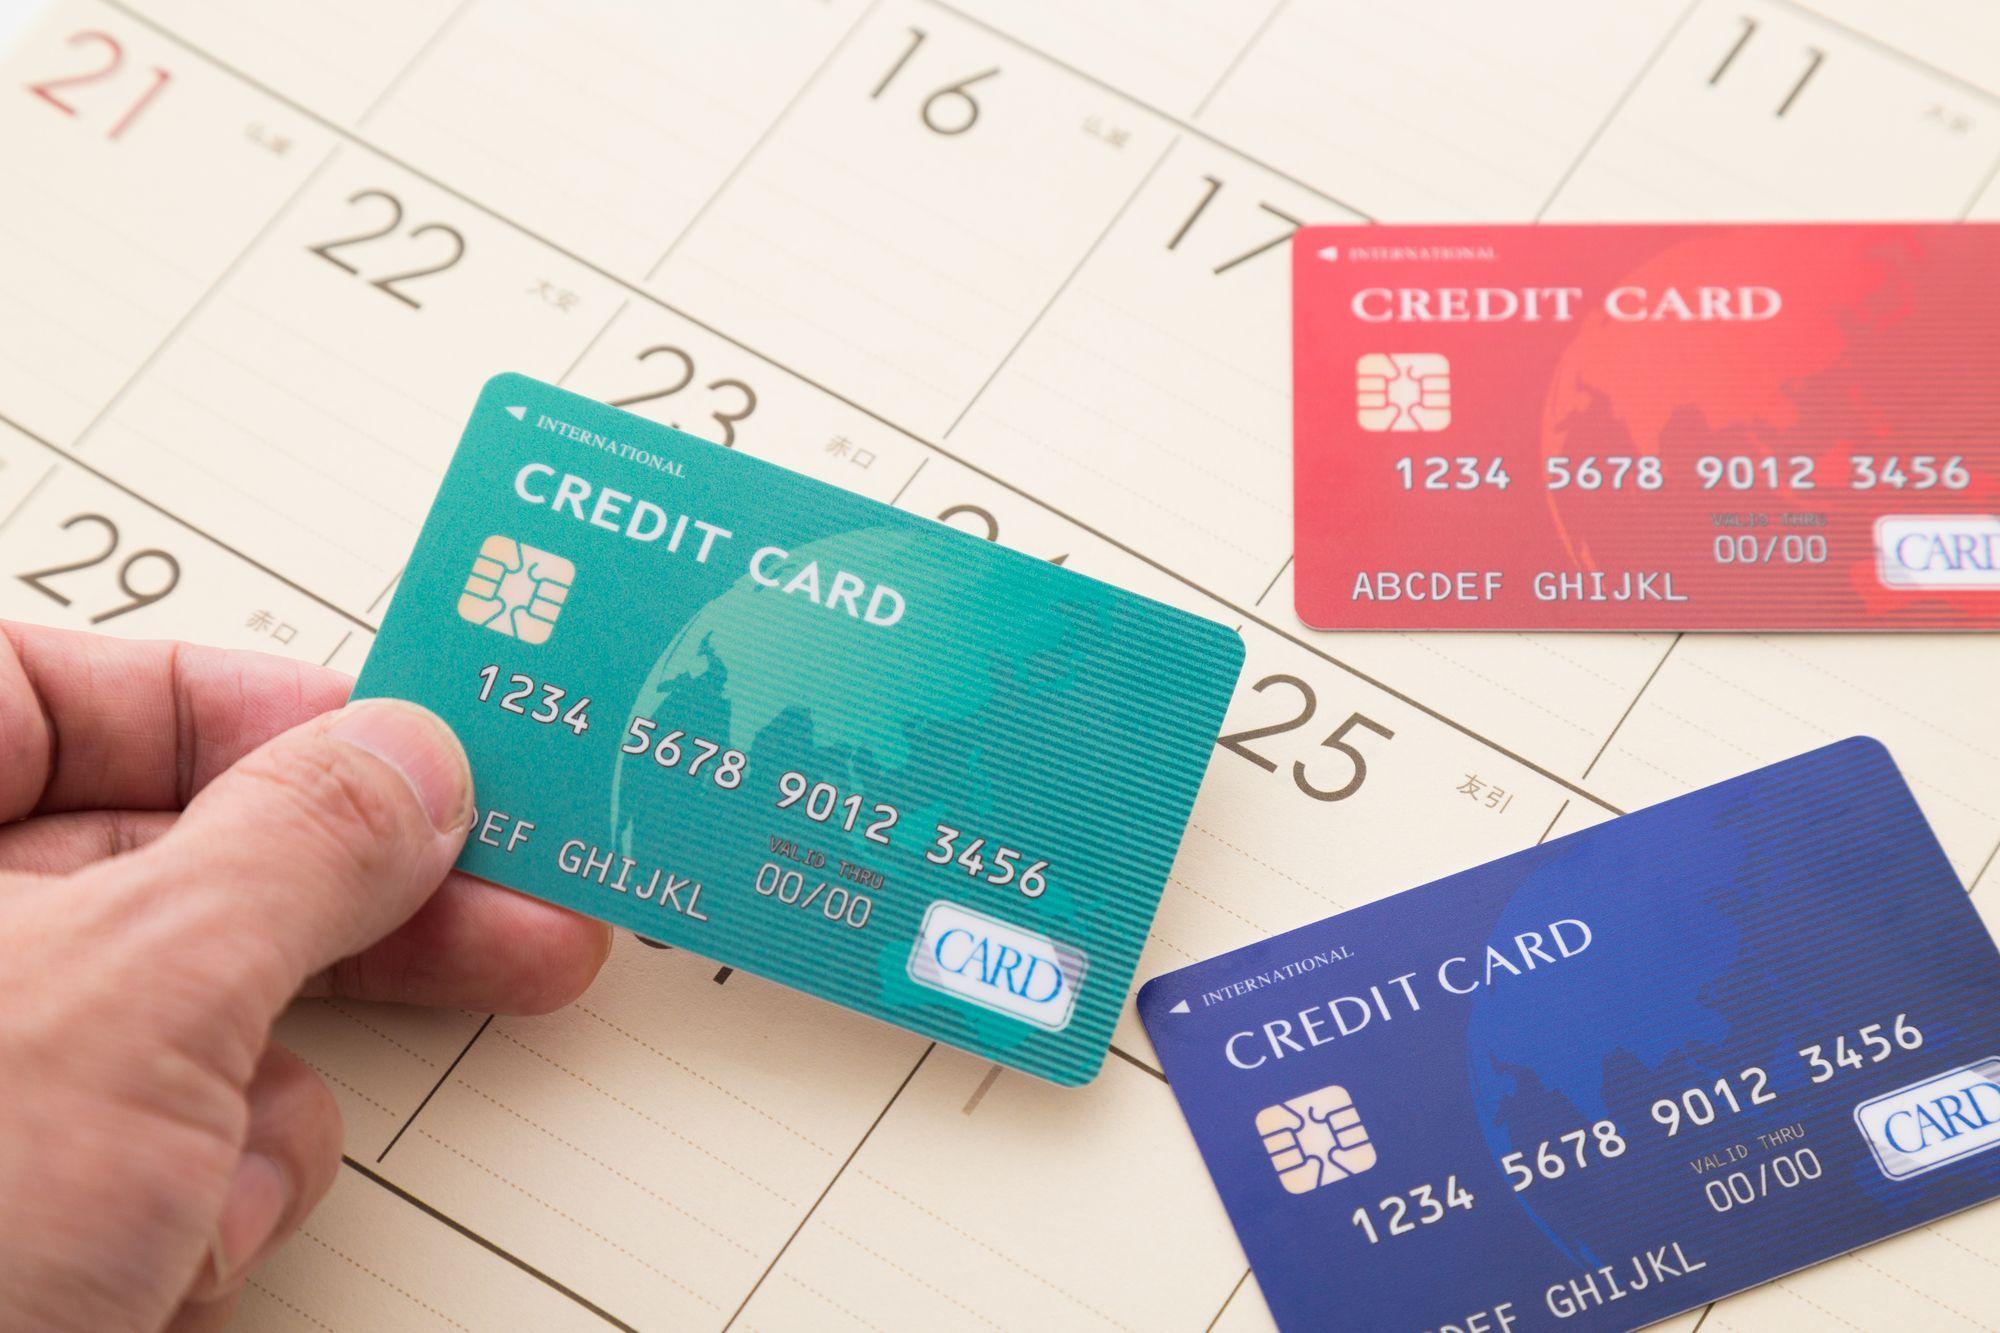 イオンカードの締め日・支払い日を解説!引き落としタイミングを把握して残高不足を防ぐ方法